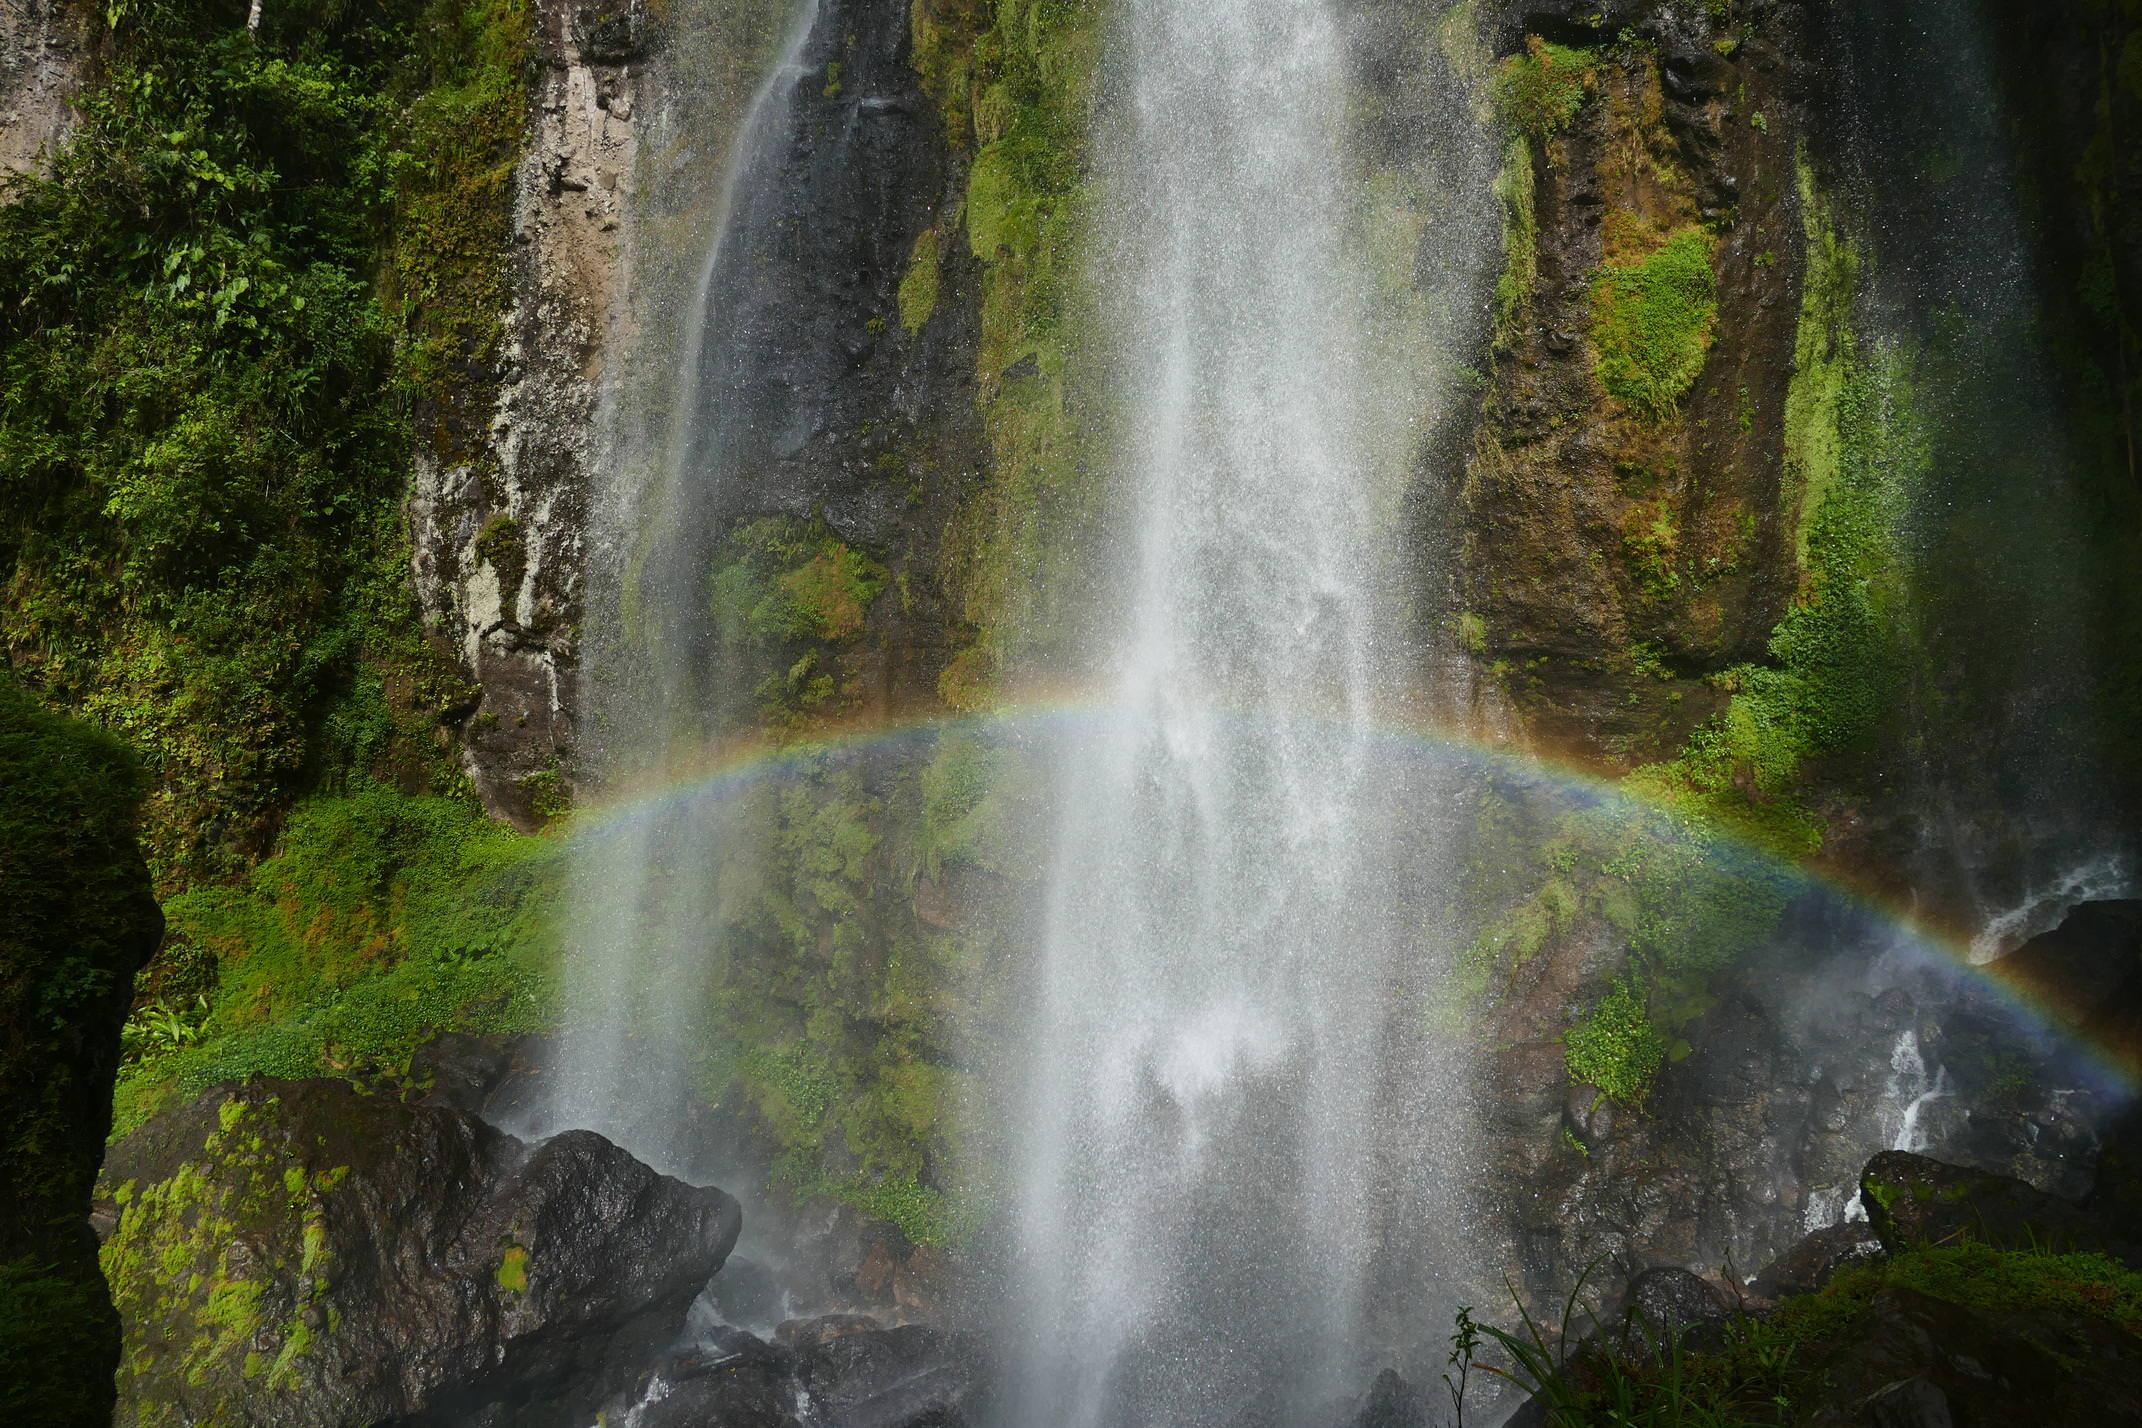 Nicaragua jinotega penas blancas cascada arcoiris copyright pura emma bye